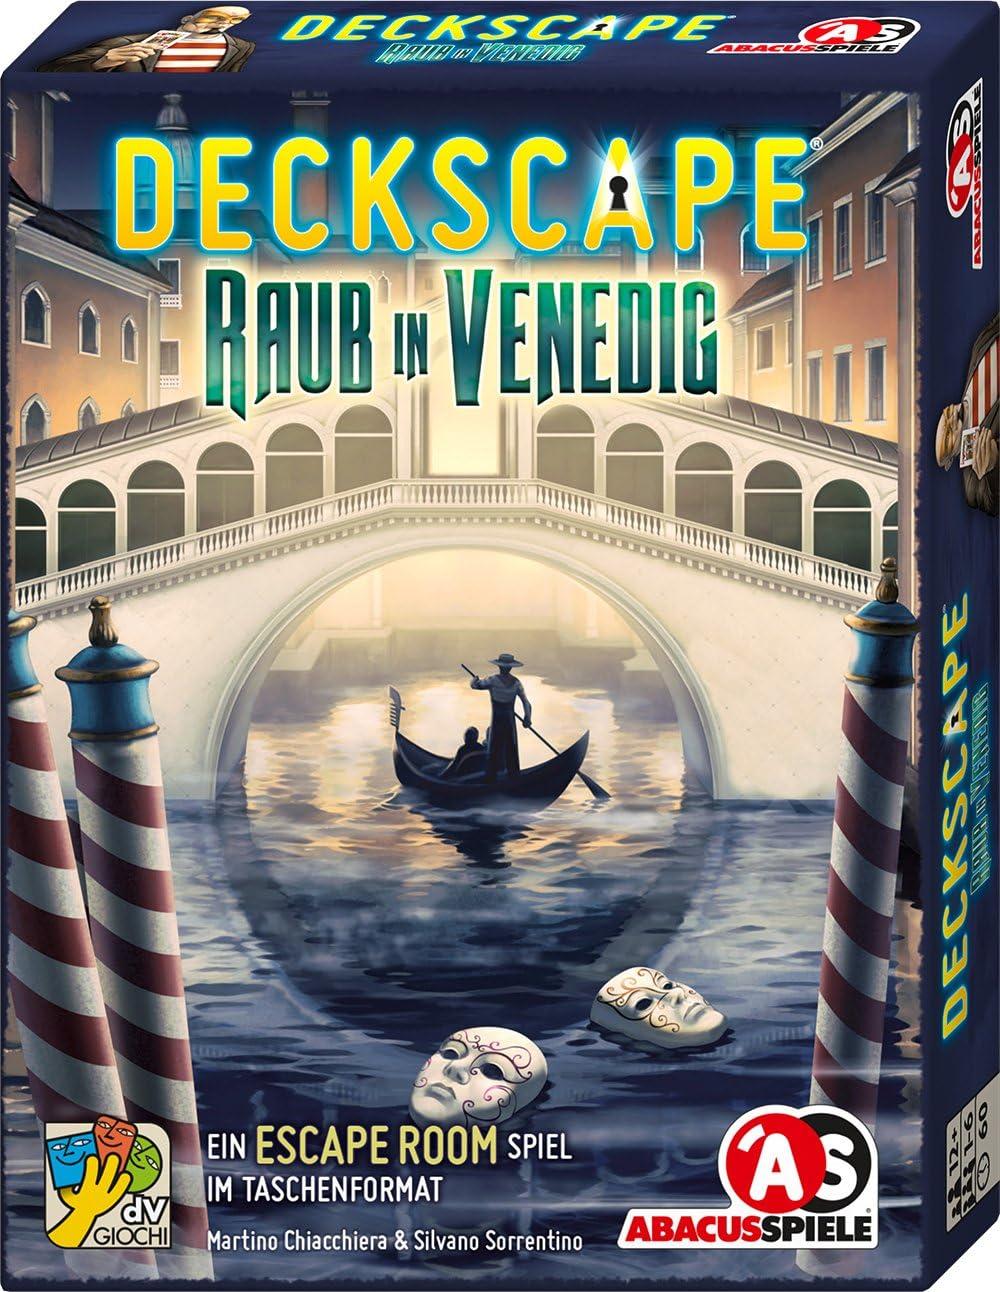 ABACUSSPIELE cámping Deck Cape – Depredadores en Venecia No Escape ...